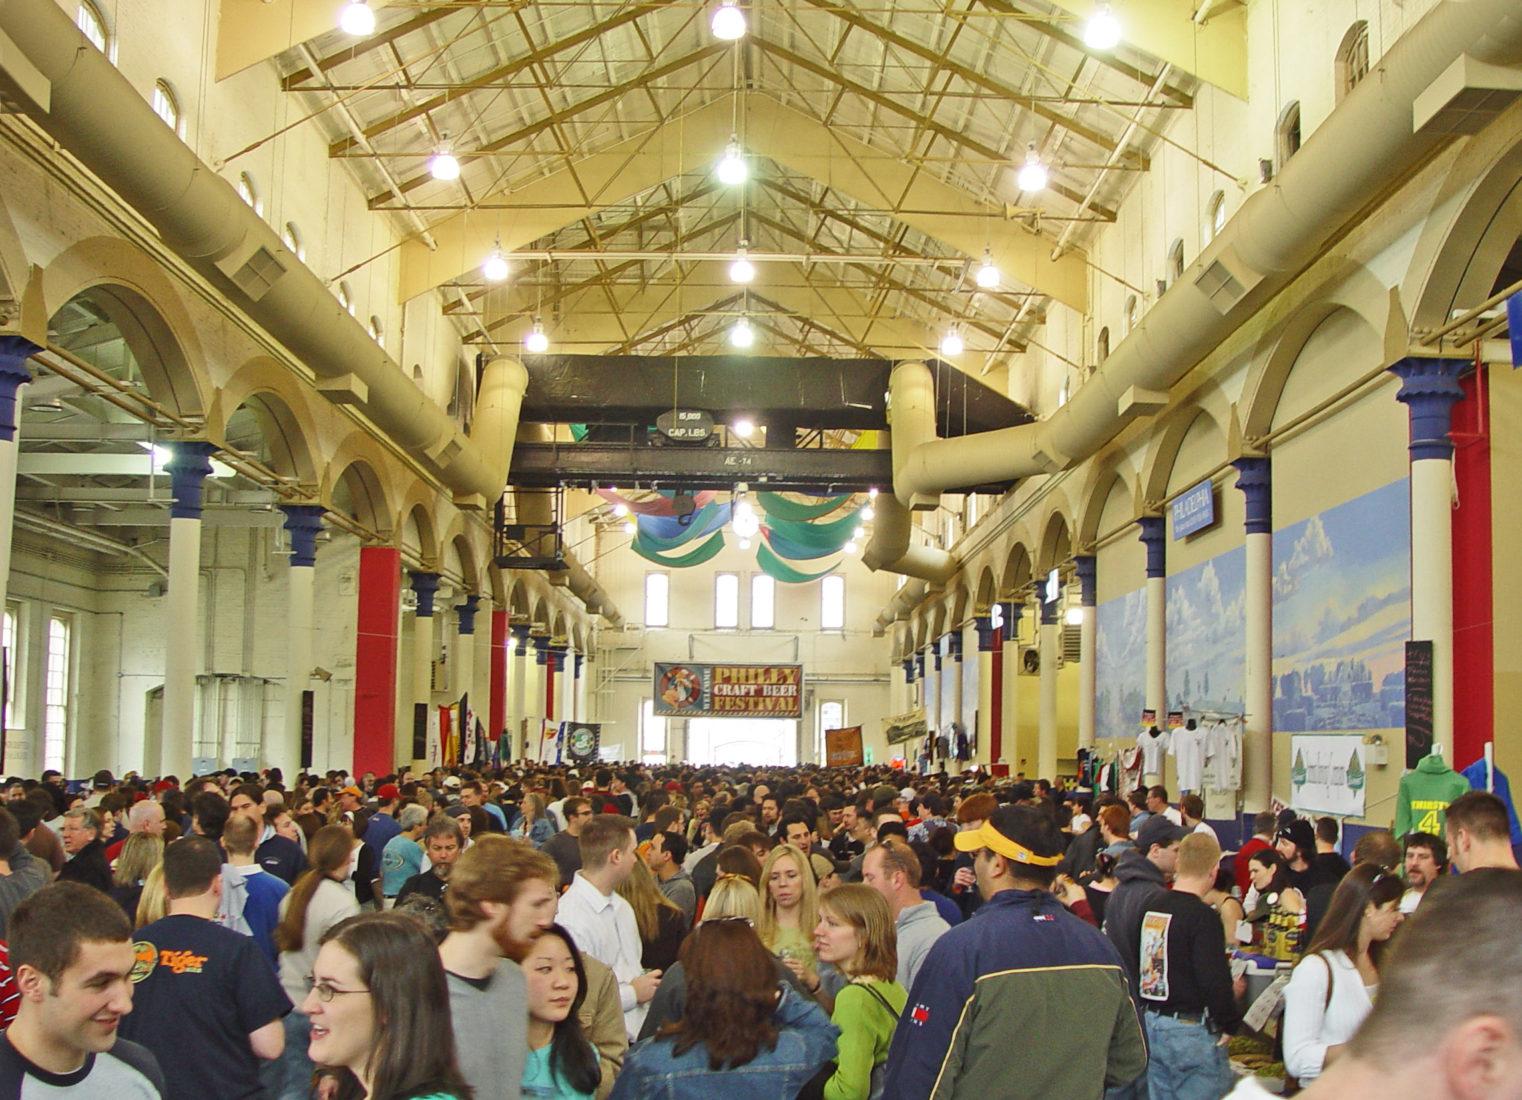 Philadelphia Beer Festival 2007, Philadelphia PA